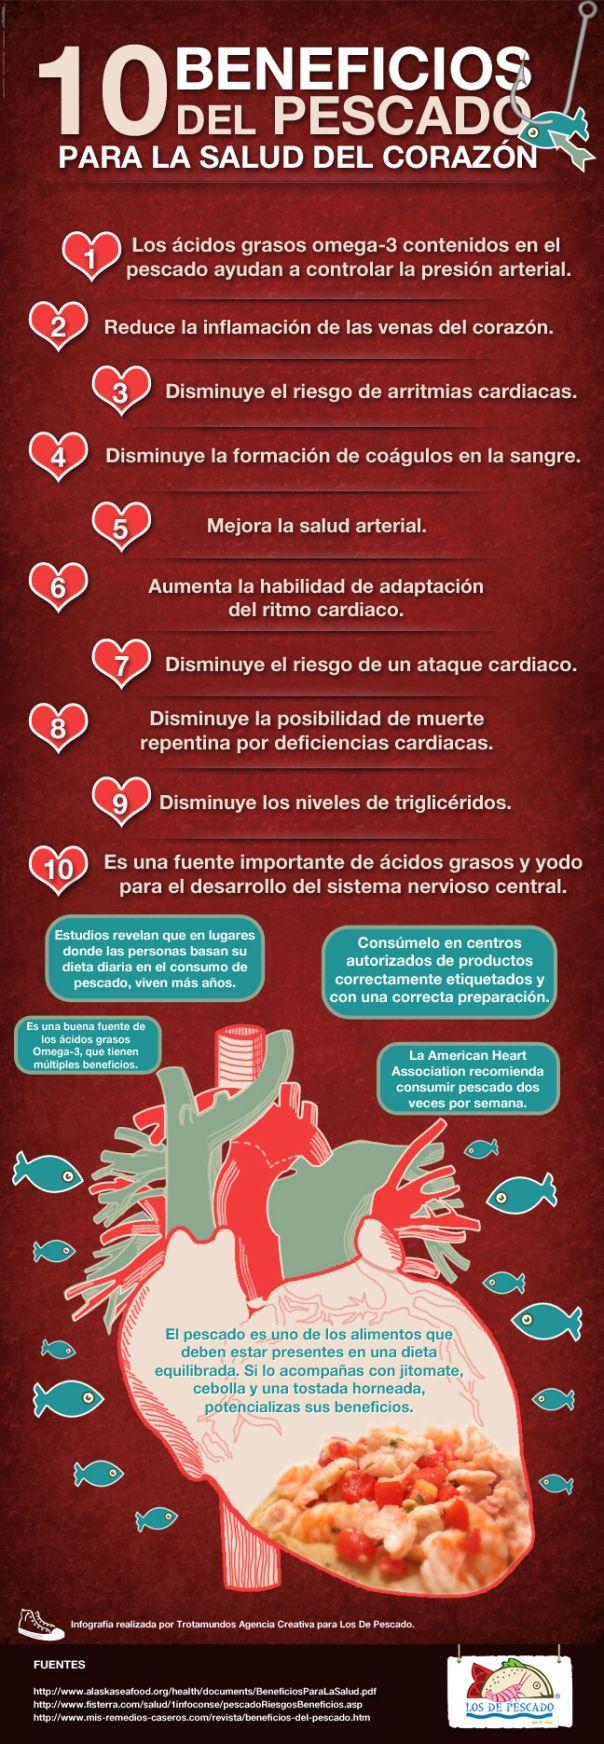 10 beneficios del #pescado para la salud del corazón